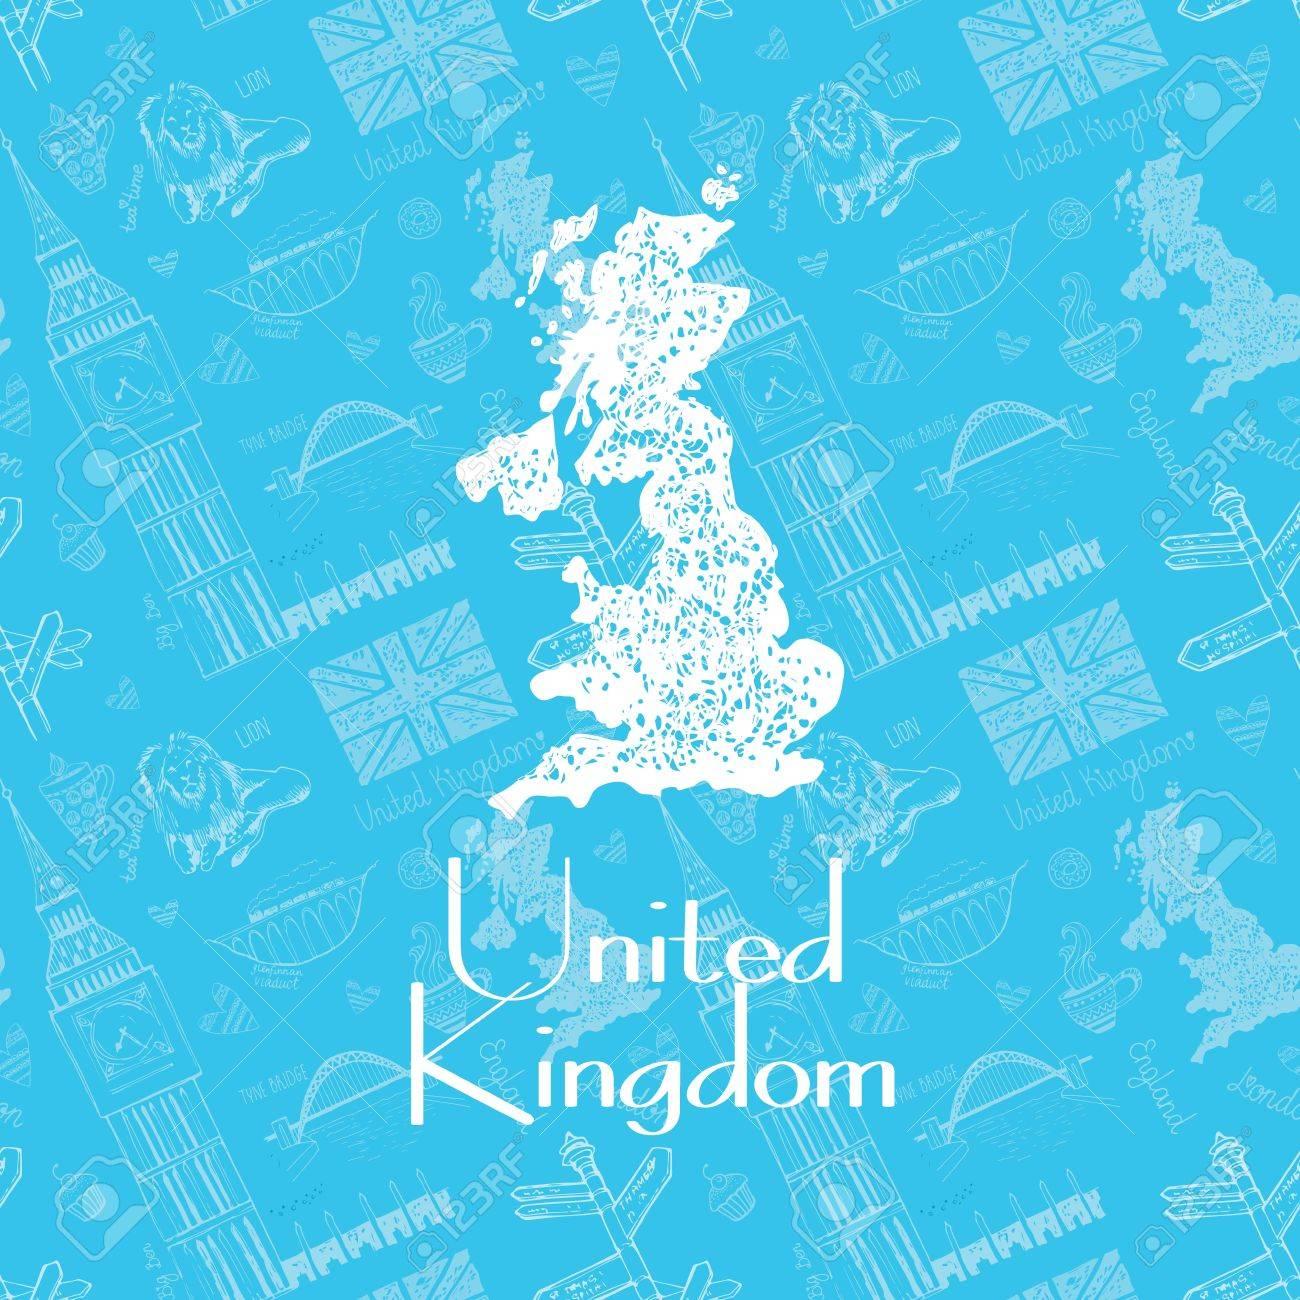 英国の美しい 手描きの地図 背景色が水色に英国の領土のベクトル